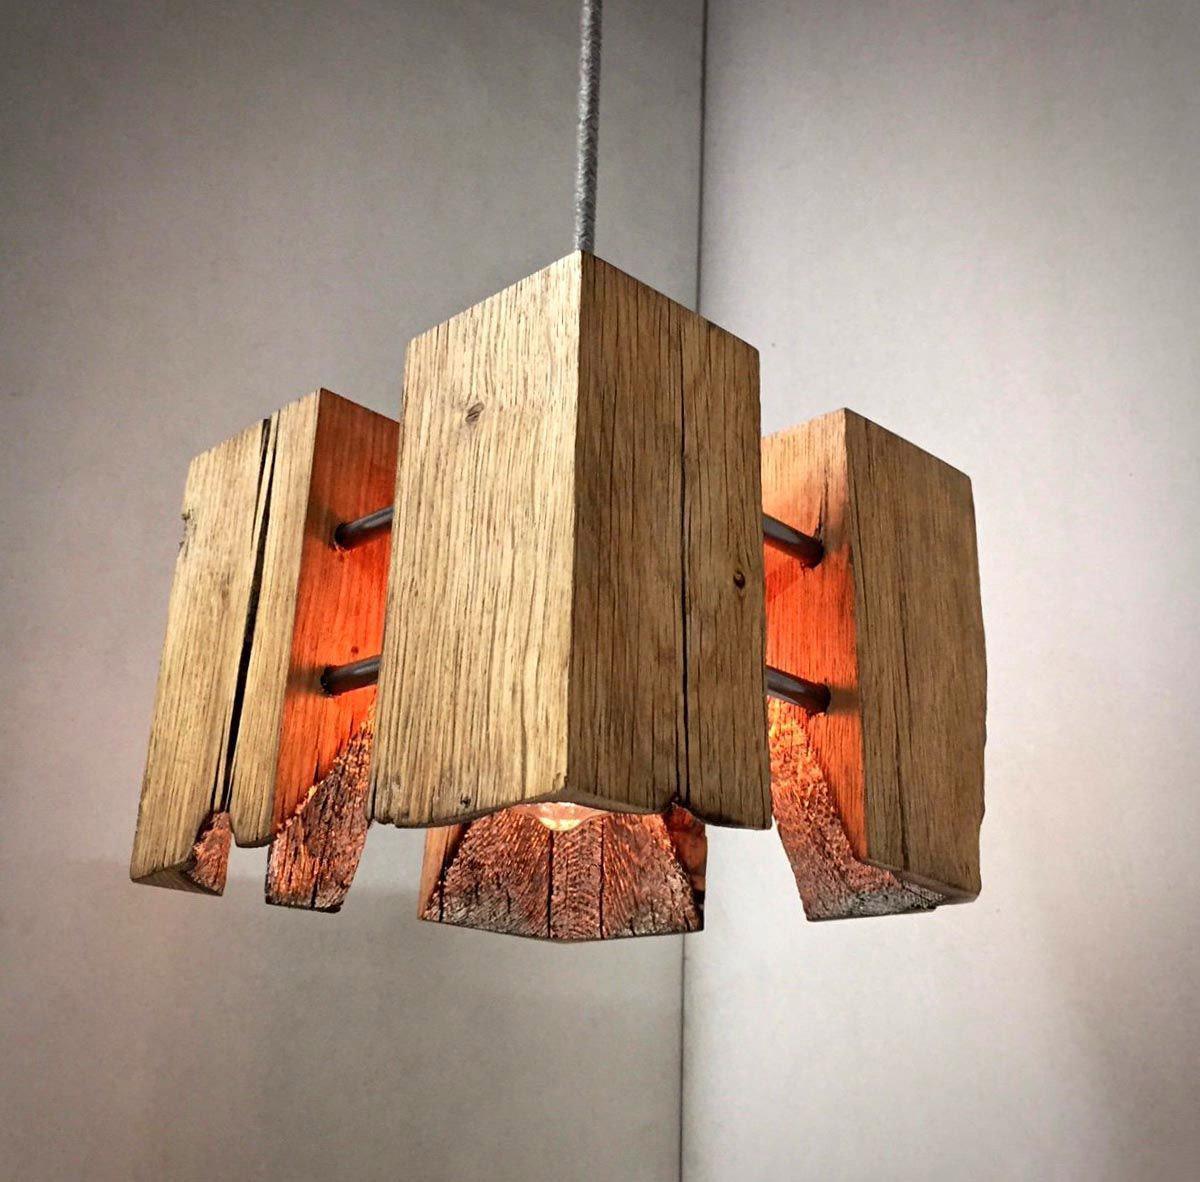 светильники из дерева своими руками идеи фото есть, плане